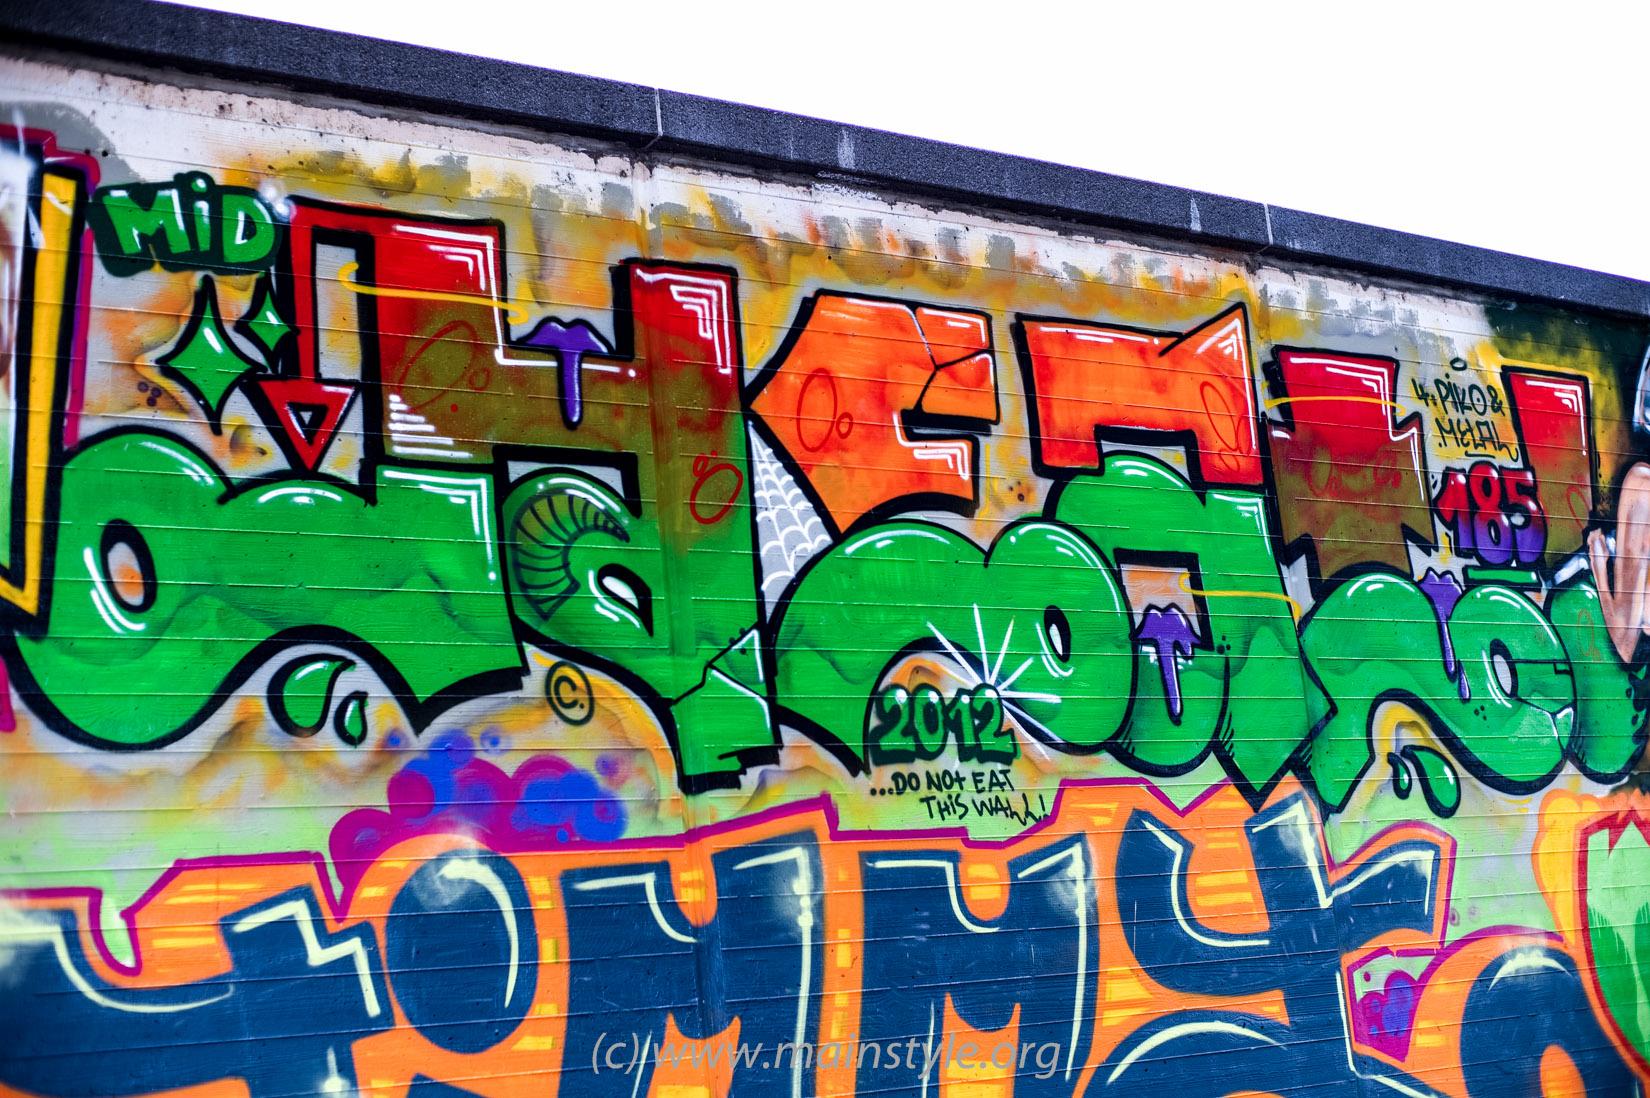 Frankfurt-Höchst_Graffiti_Süwag-Wall_2012 (34 von 35)